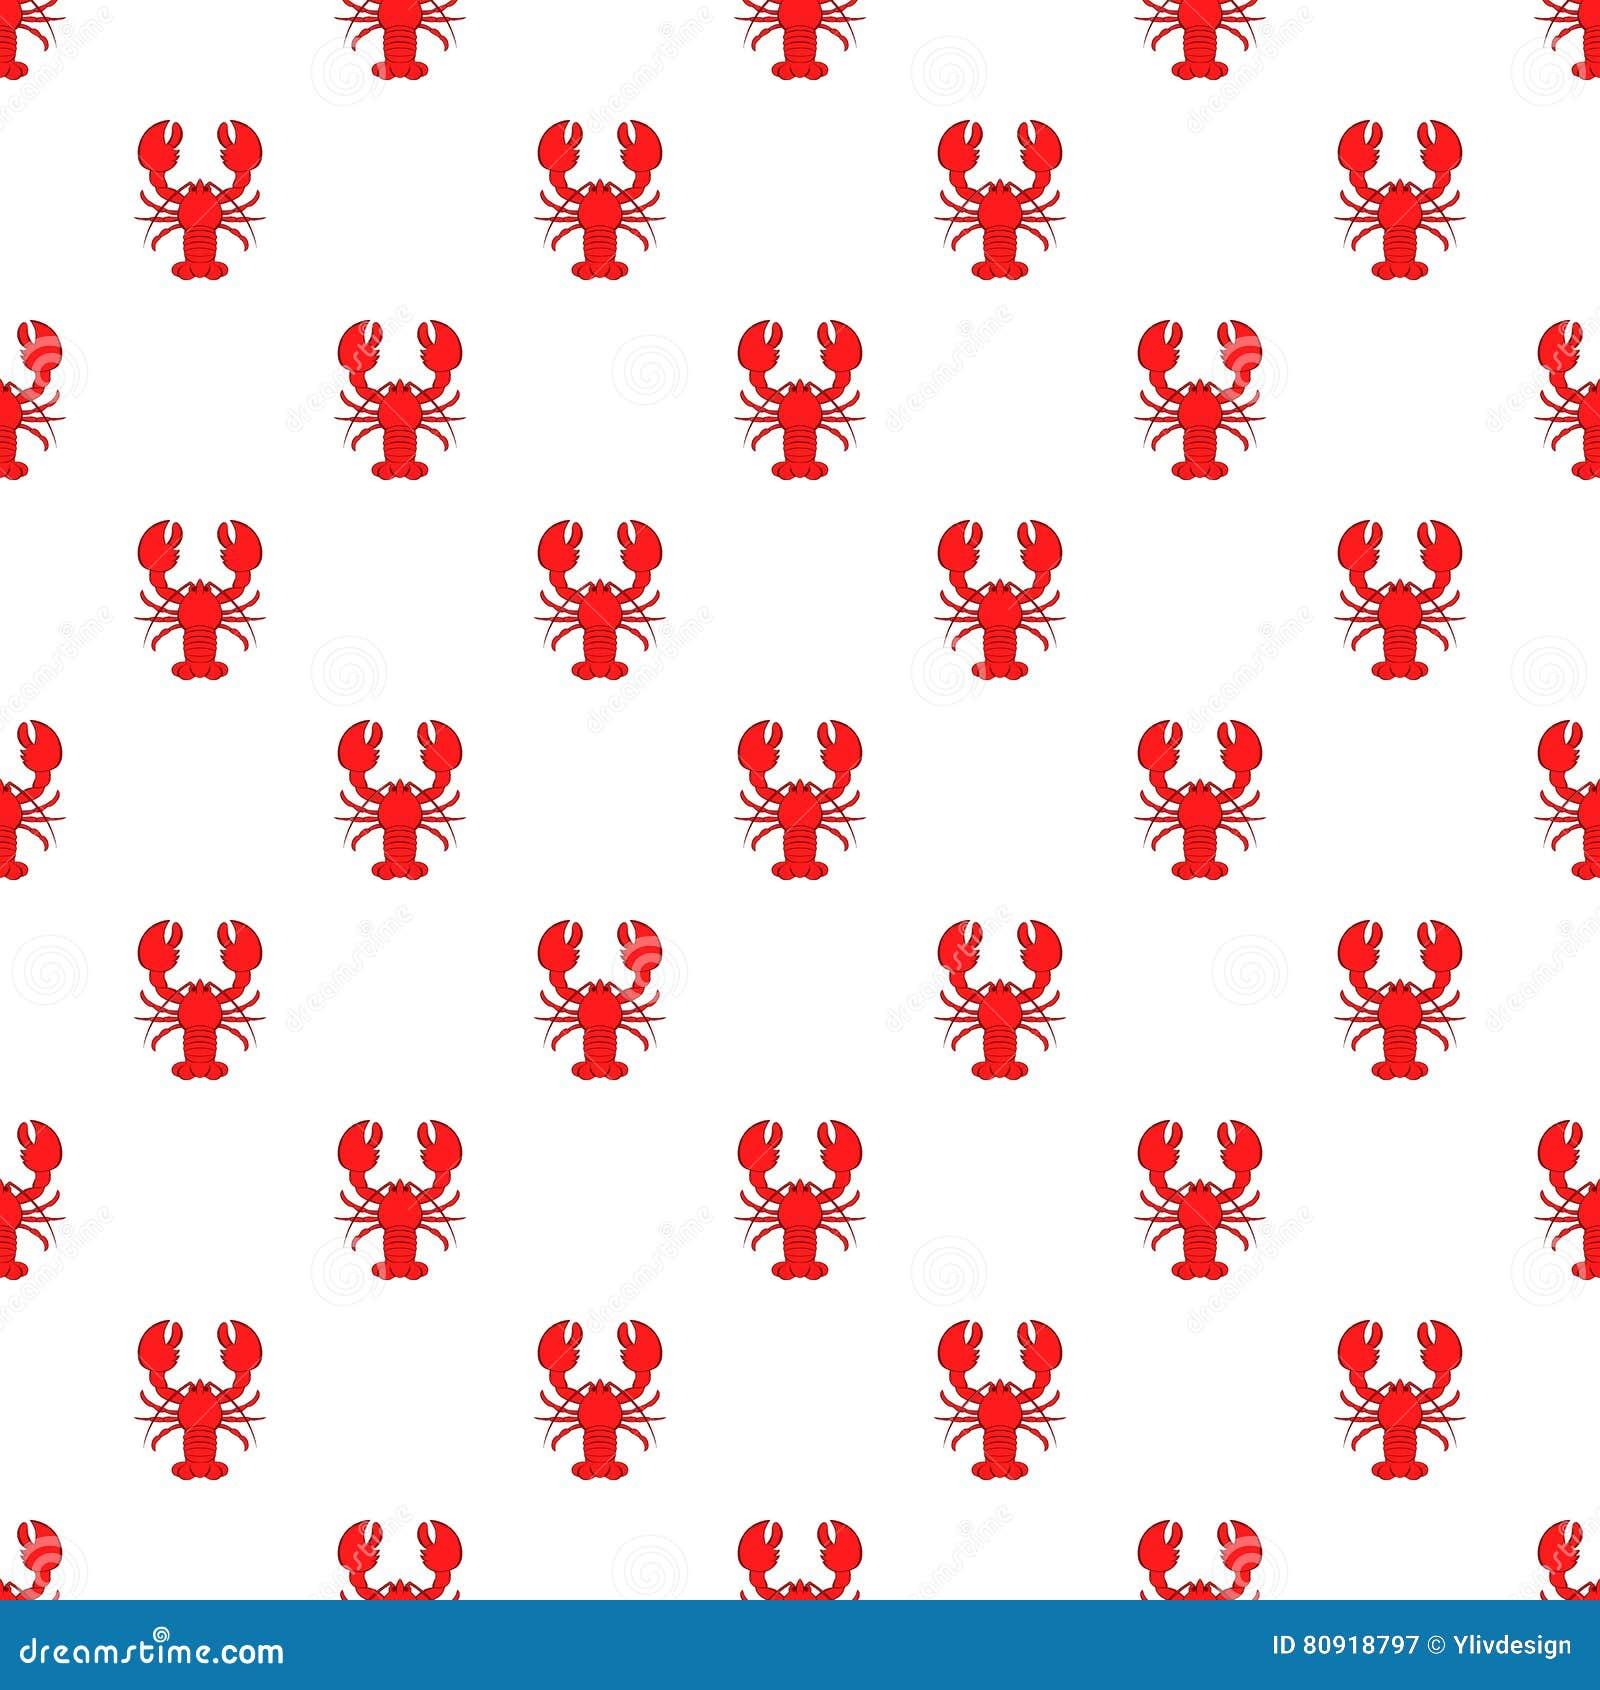 Lobster Pattern, Cartoon Style Cartoon Vector | CartoonDealer.com #80918797